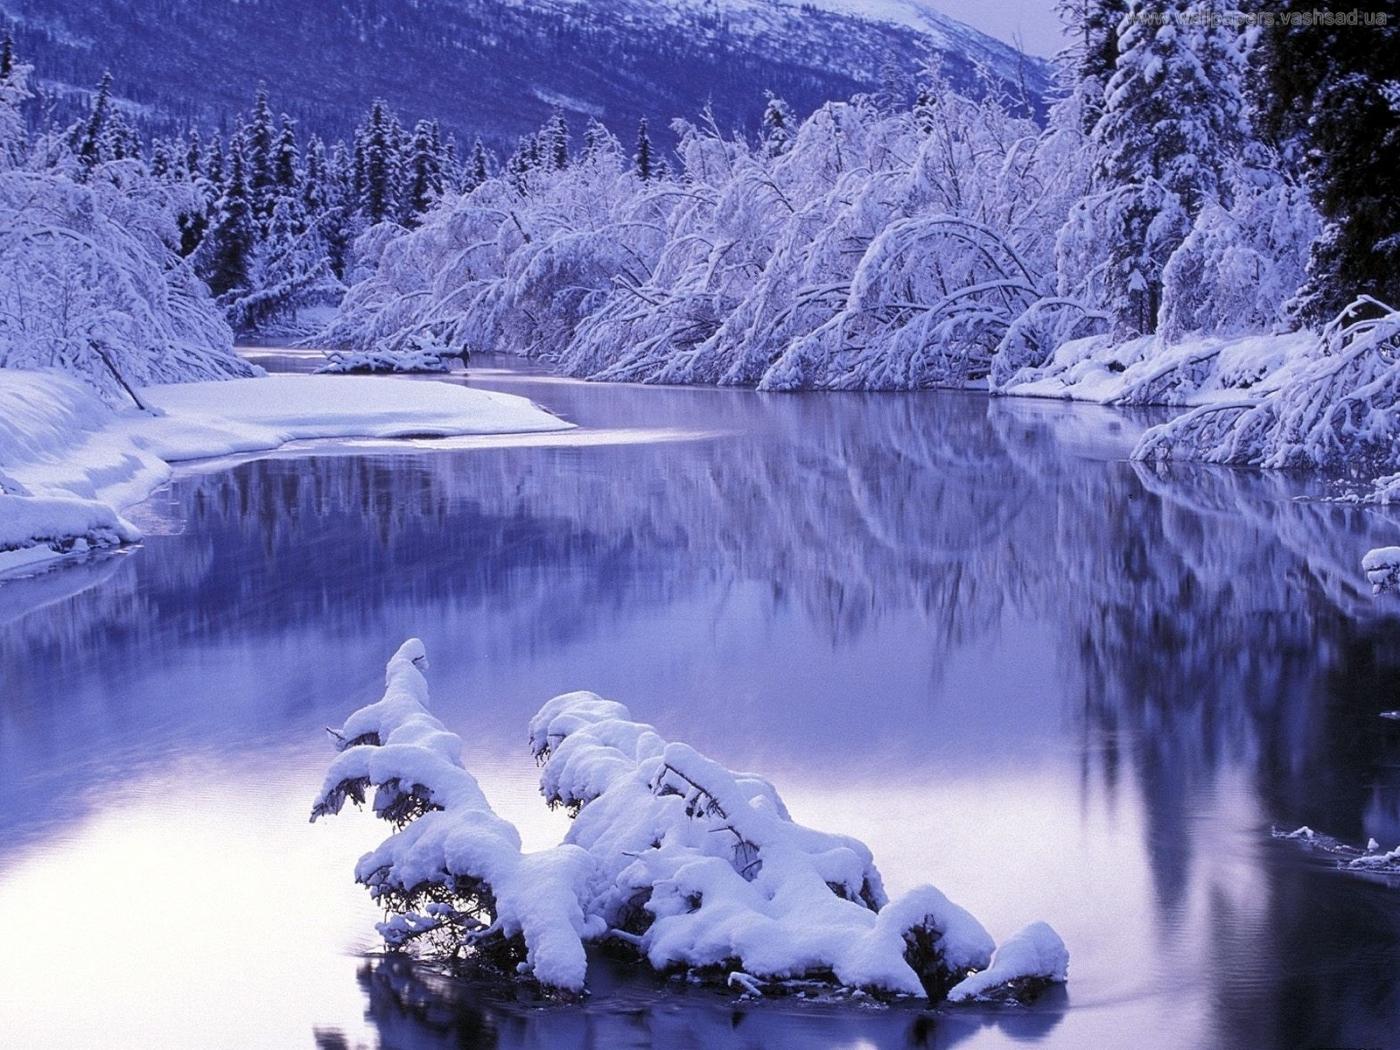 25956 скачать обои Пейзаж, Река, Деревья, Снег - заставки и картинки бесплатно